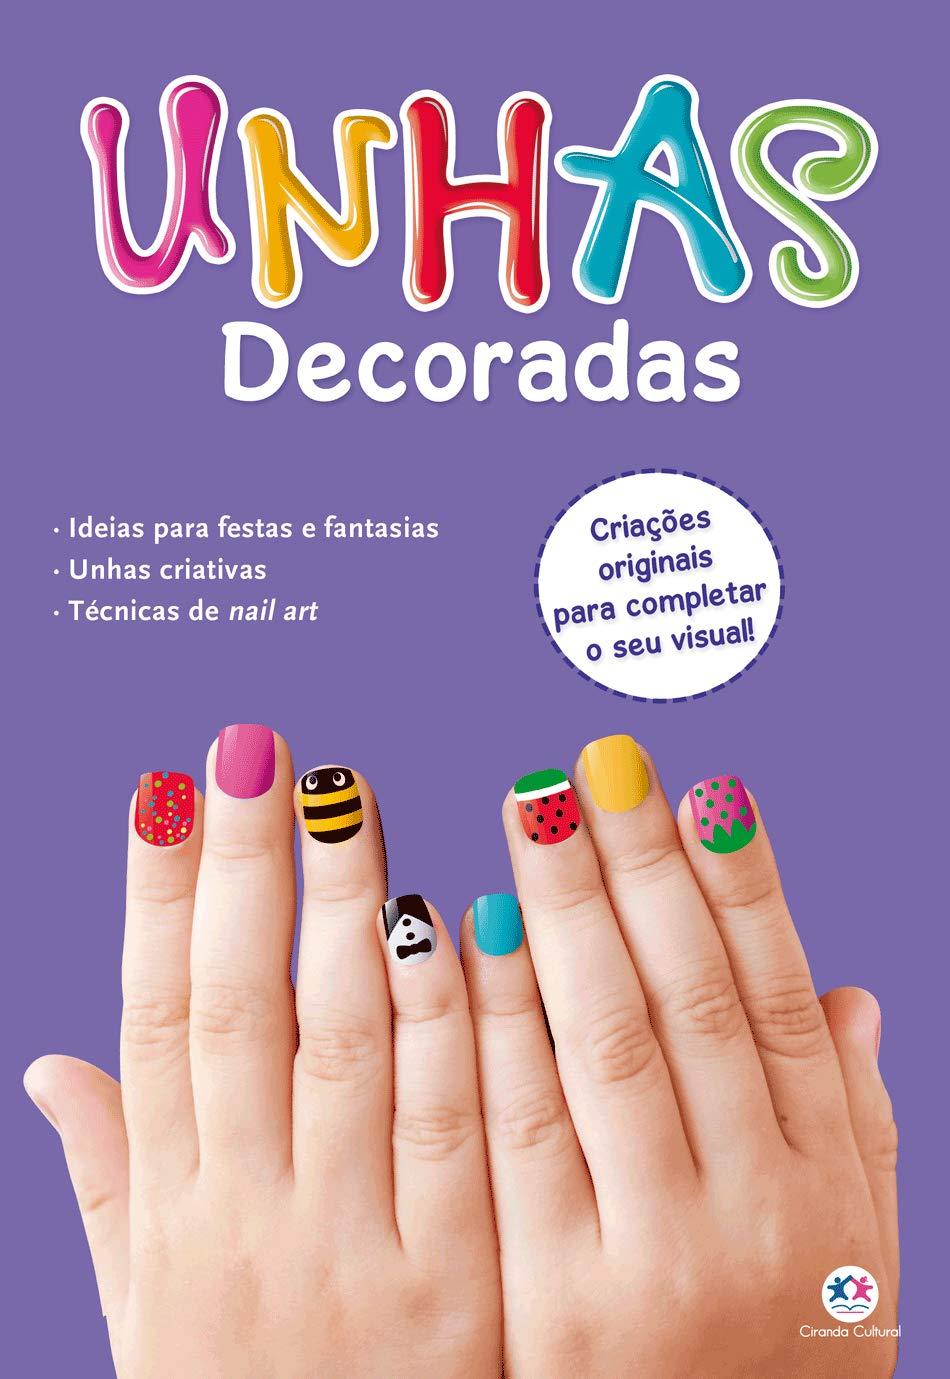 MINHAS CRIACOES - UNHAS DECORADAS